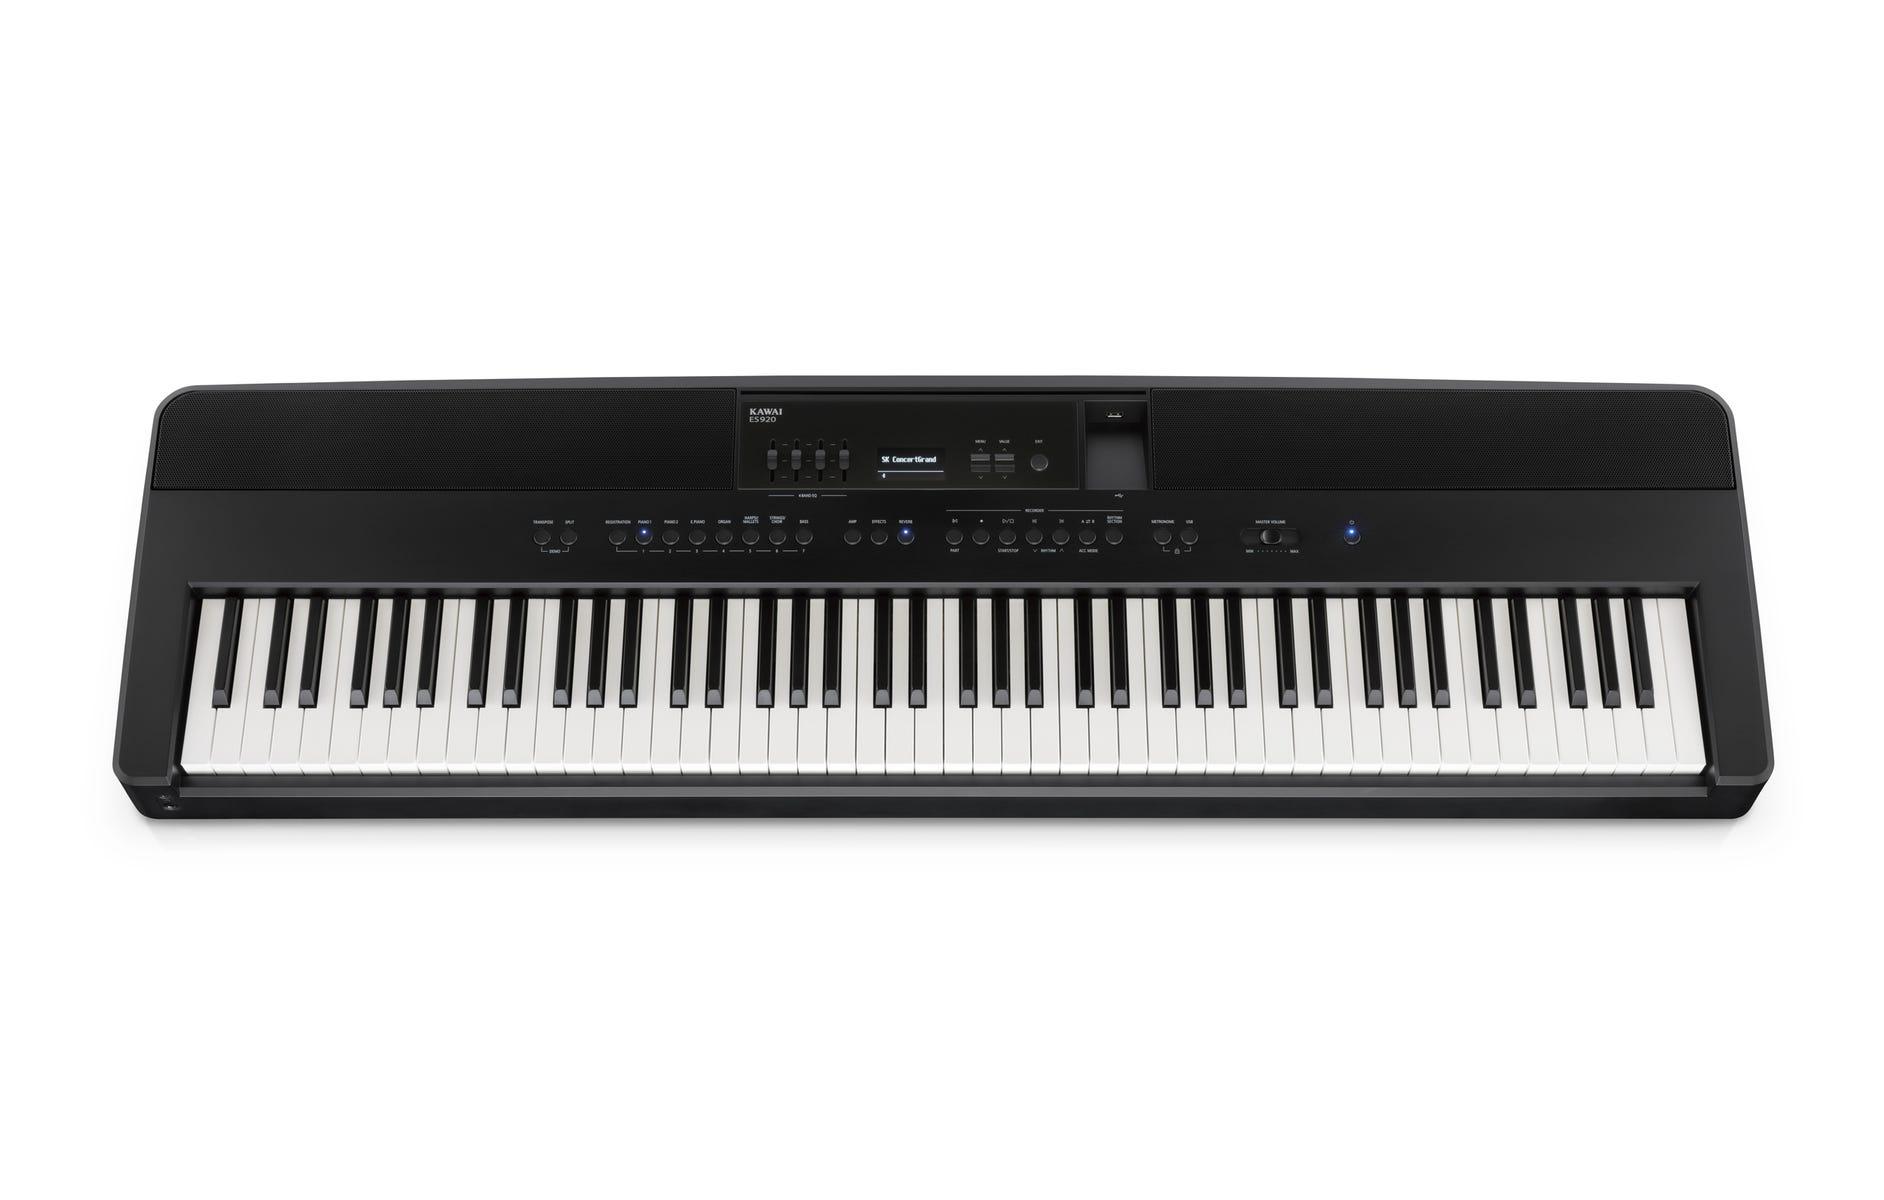 Kawai ES920 Portable Digital Piano - Black